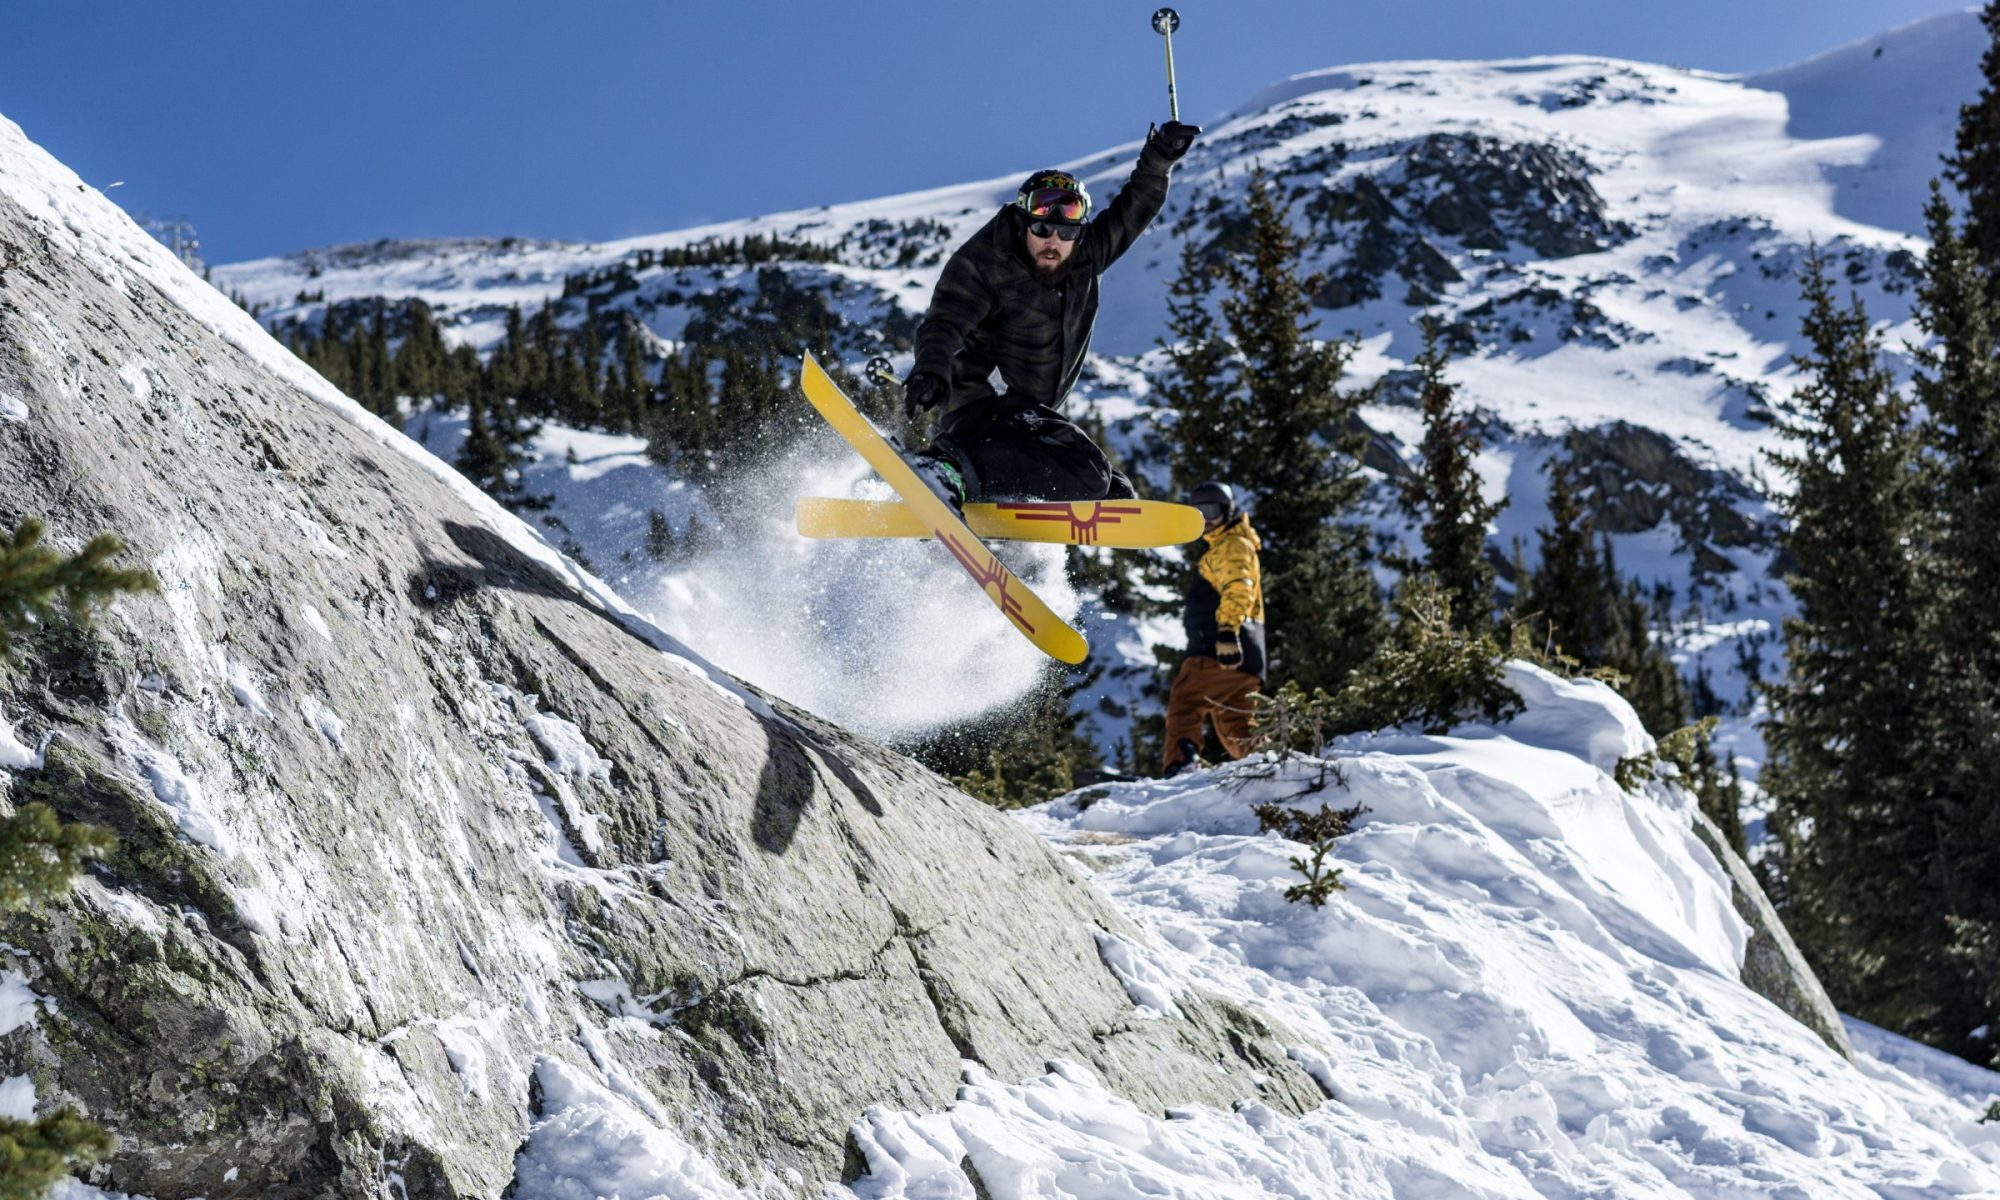 Skiing in Taos - Photo credit: Ski Taos. Taos Regional Airport Launches Taos Air – an Air Service to Dallas, Austin